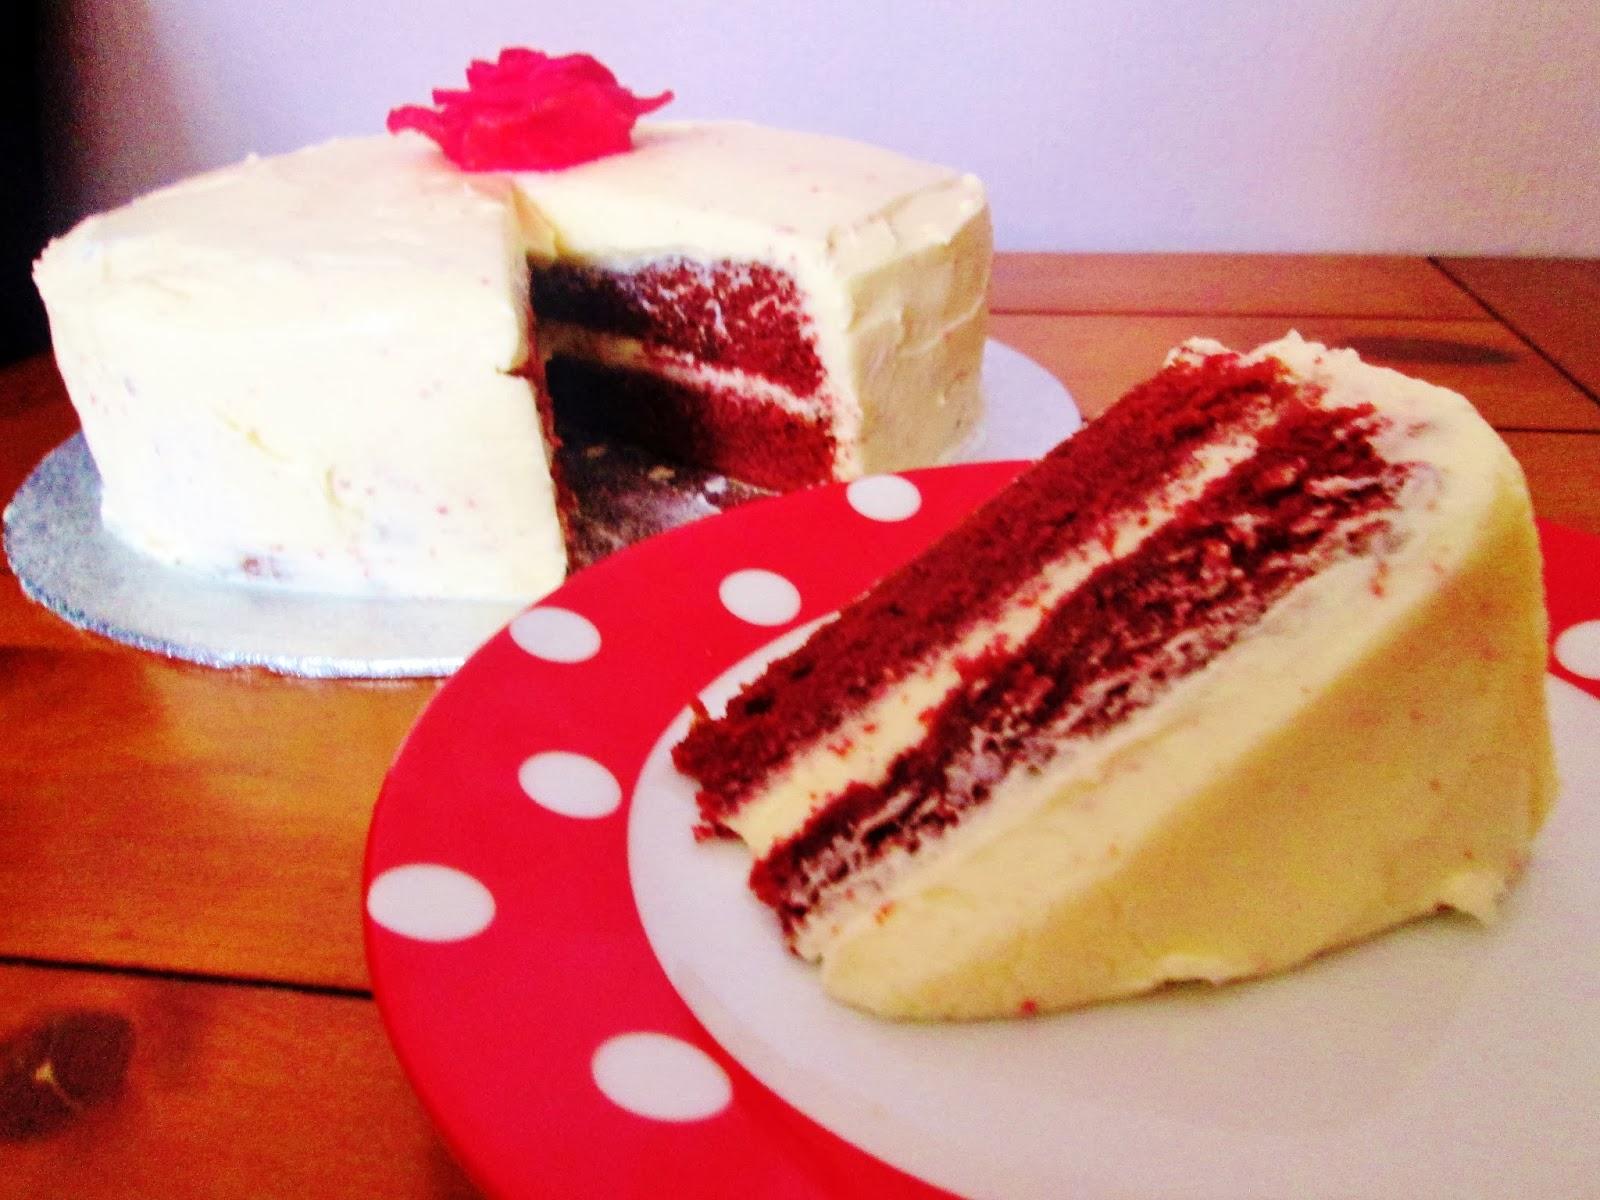 http://themessykitchenuk.blogspot.co.uk/2014/02/red-velvet-cake.html